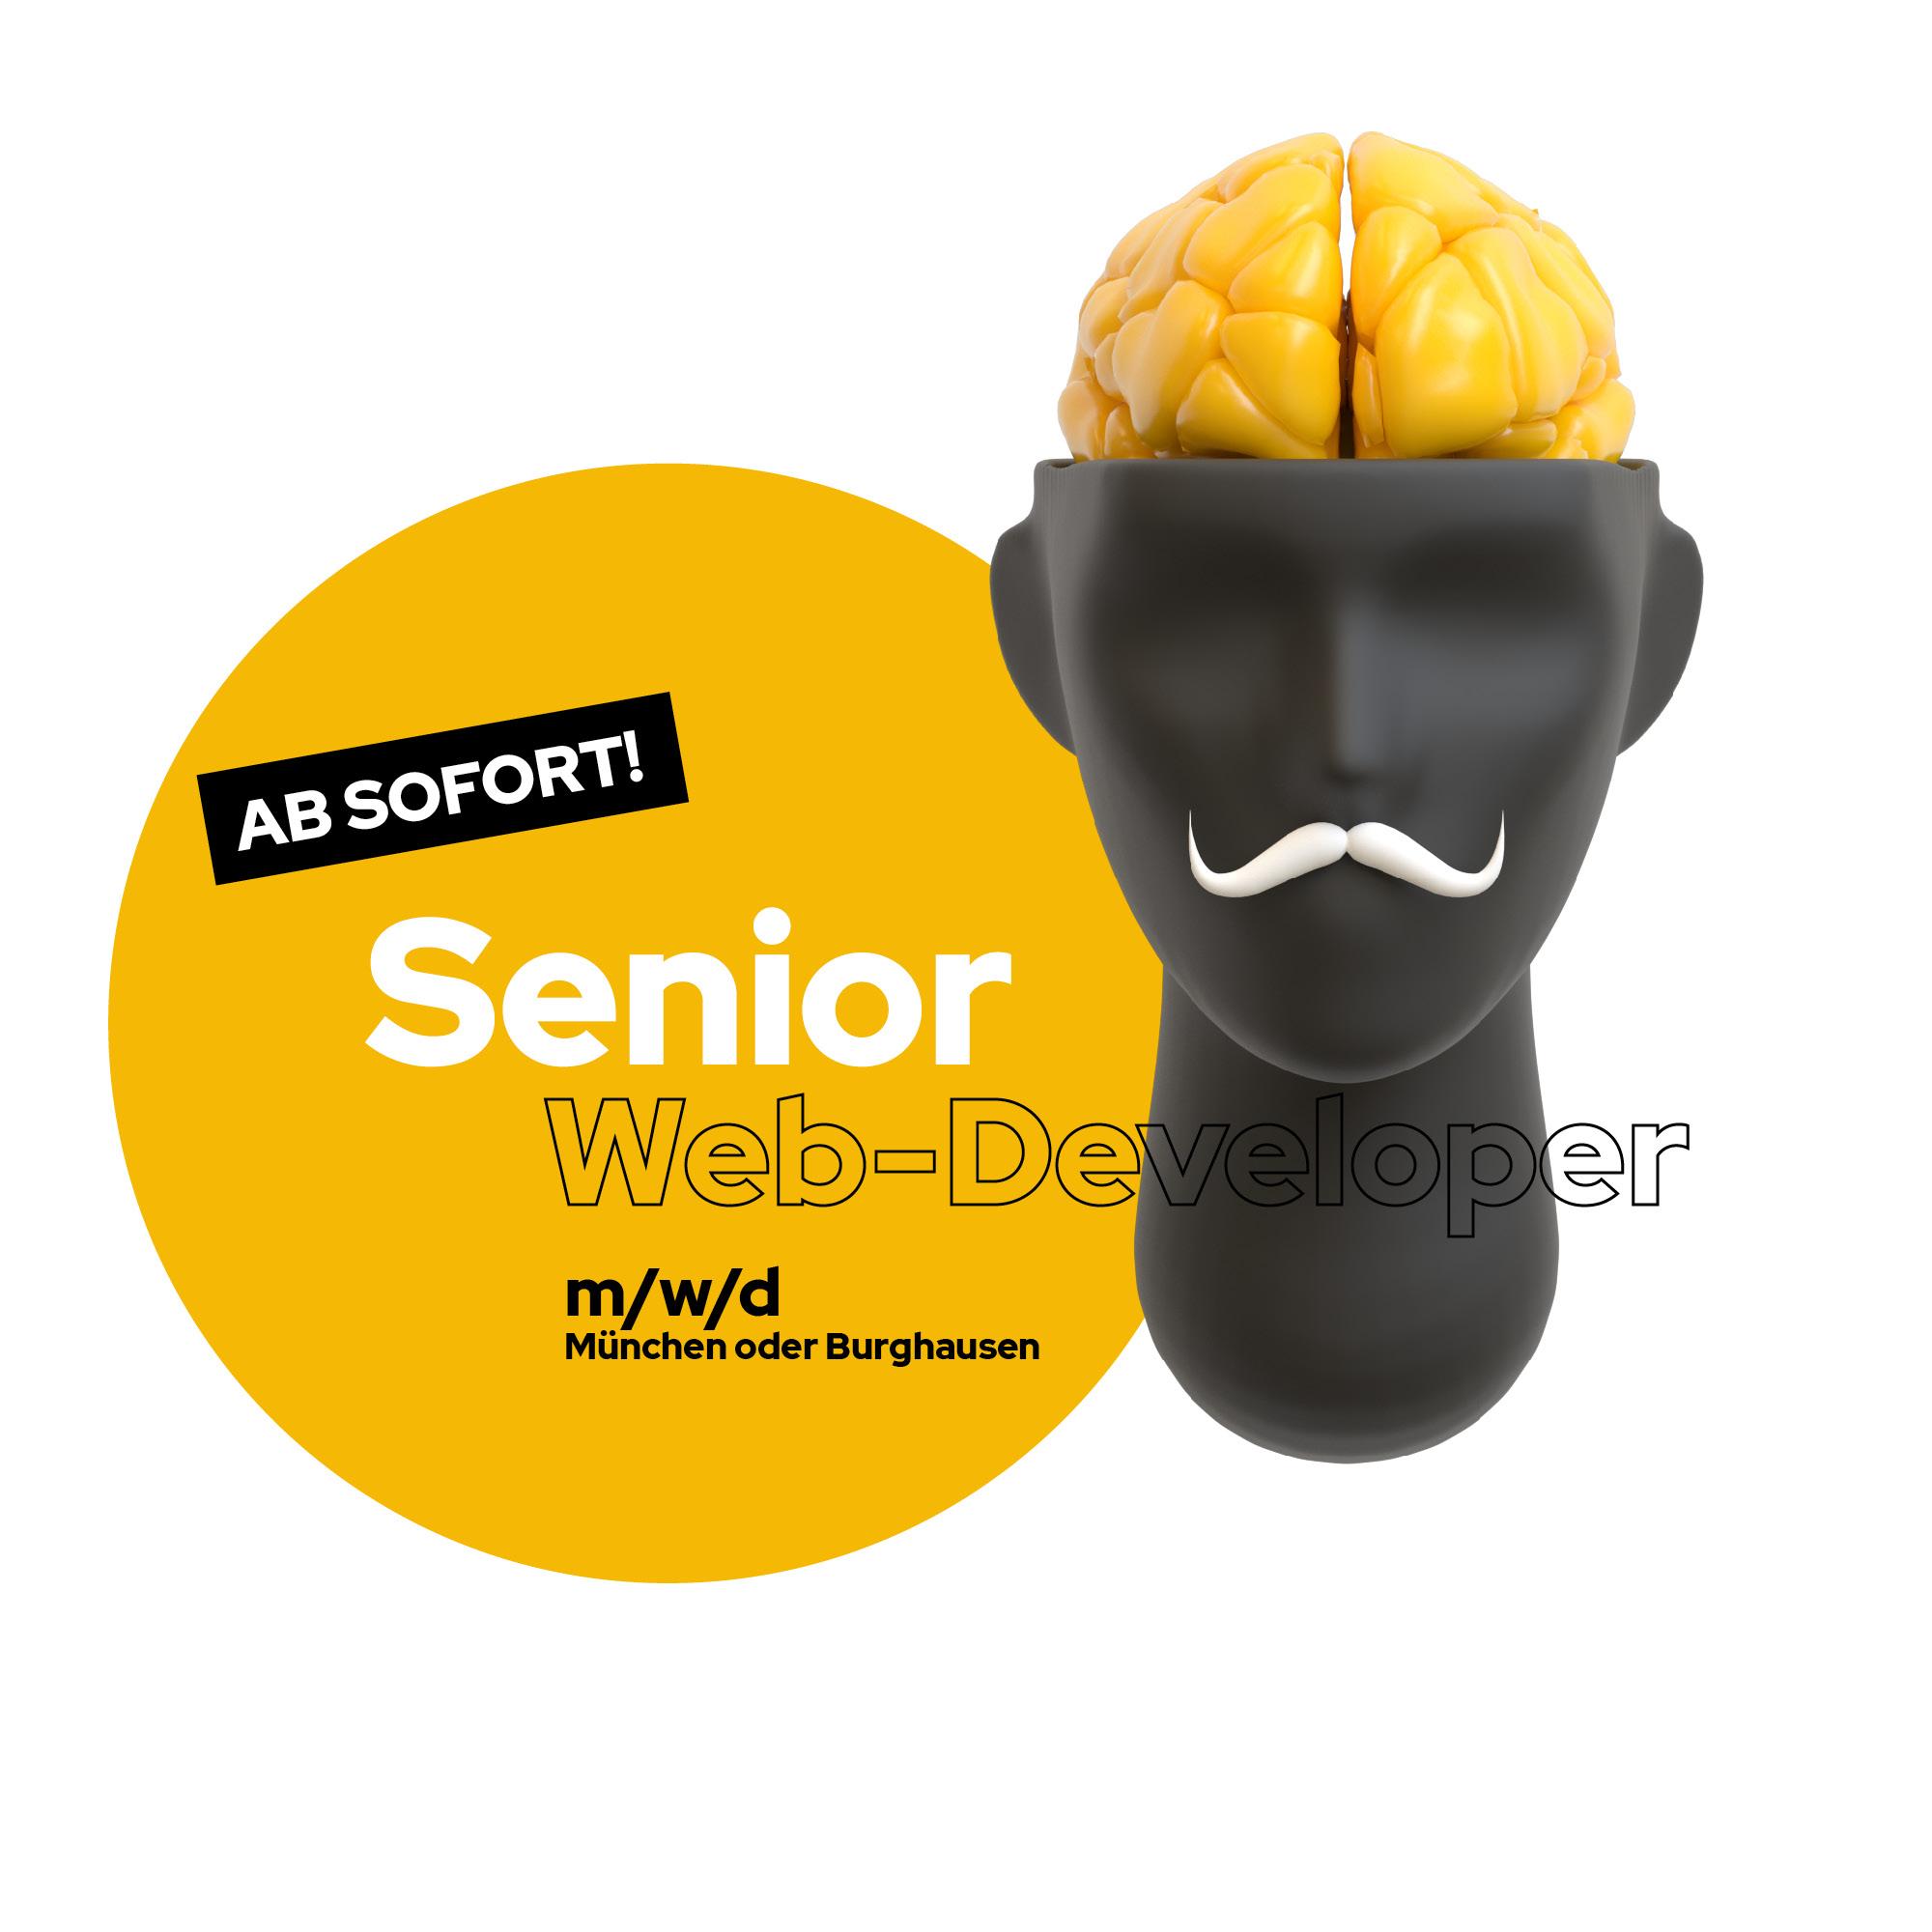 Stellenanzeige Senior Webdeveloper